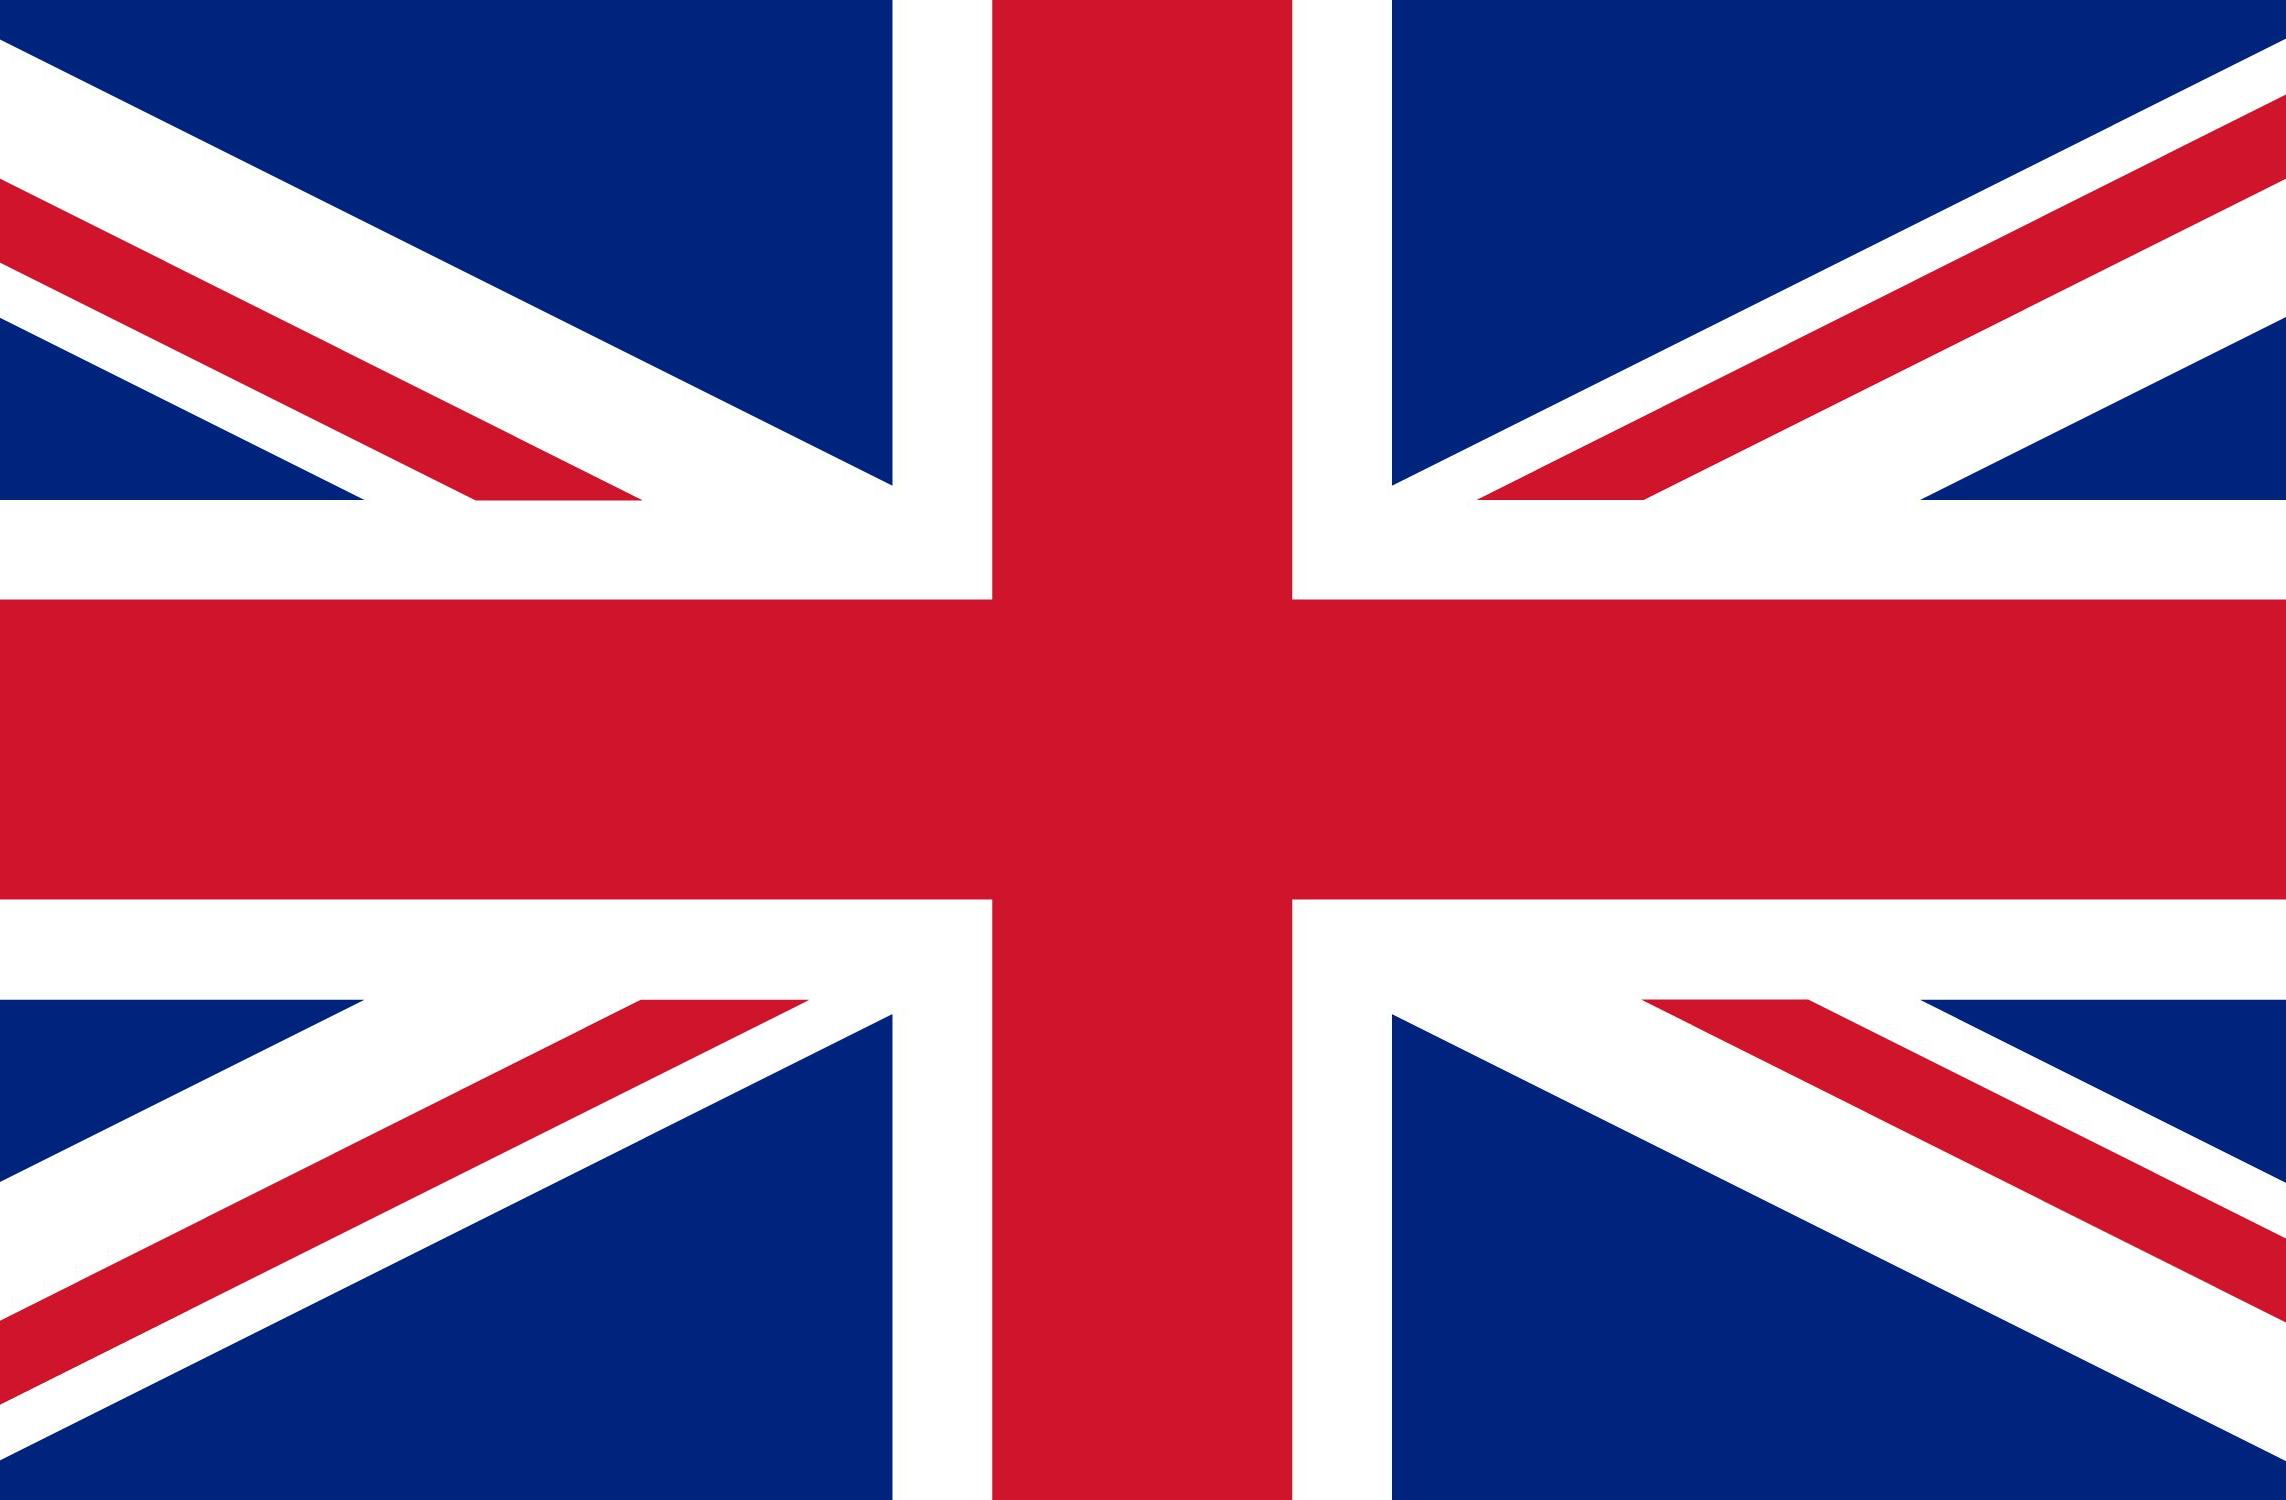 Engels-Vlag